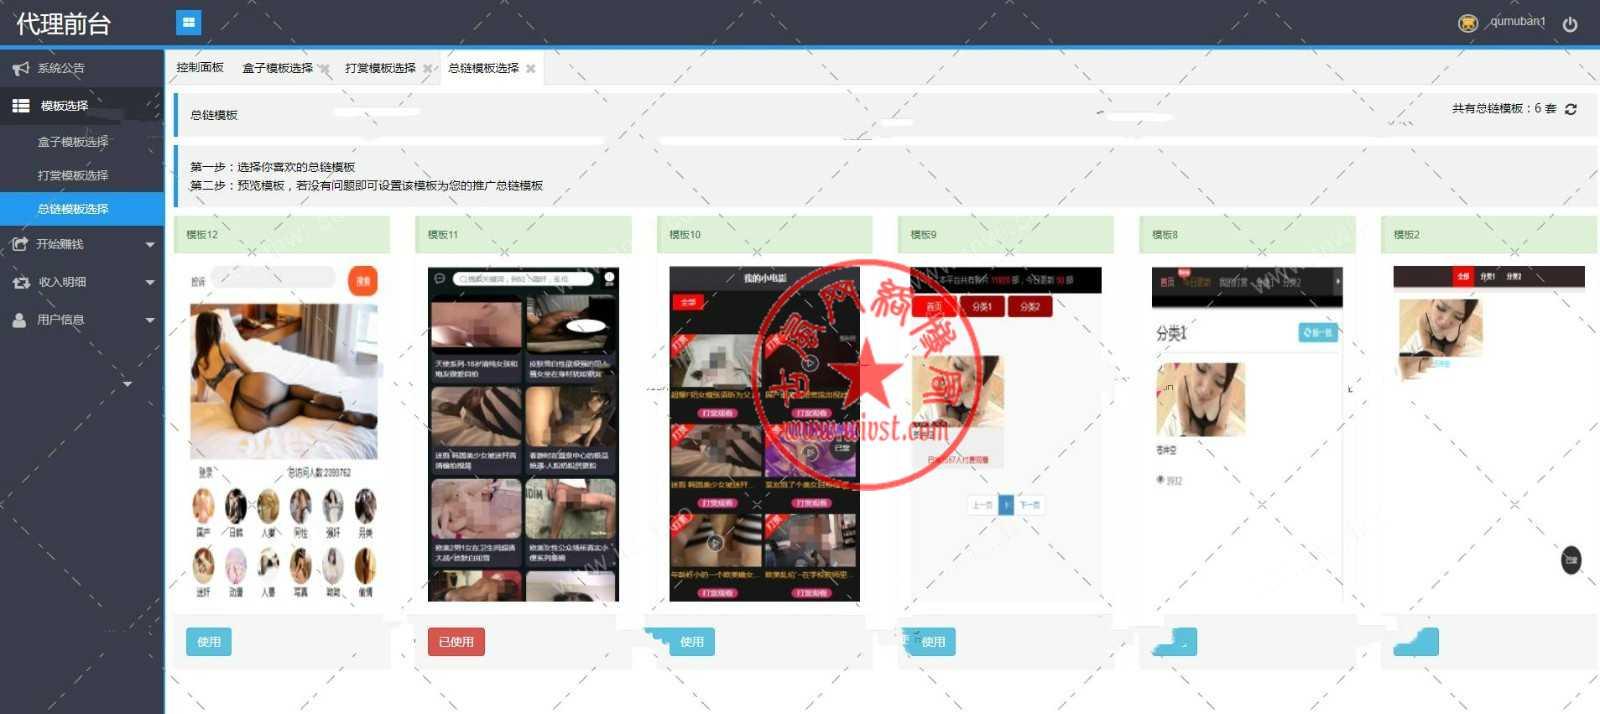 【PHP】超越云赏金包天包月微信打赏视频平台源码+代理平台+会员功能+多套模板